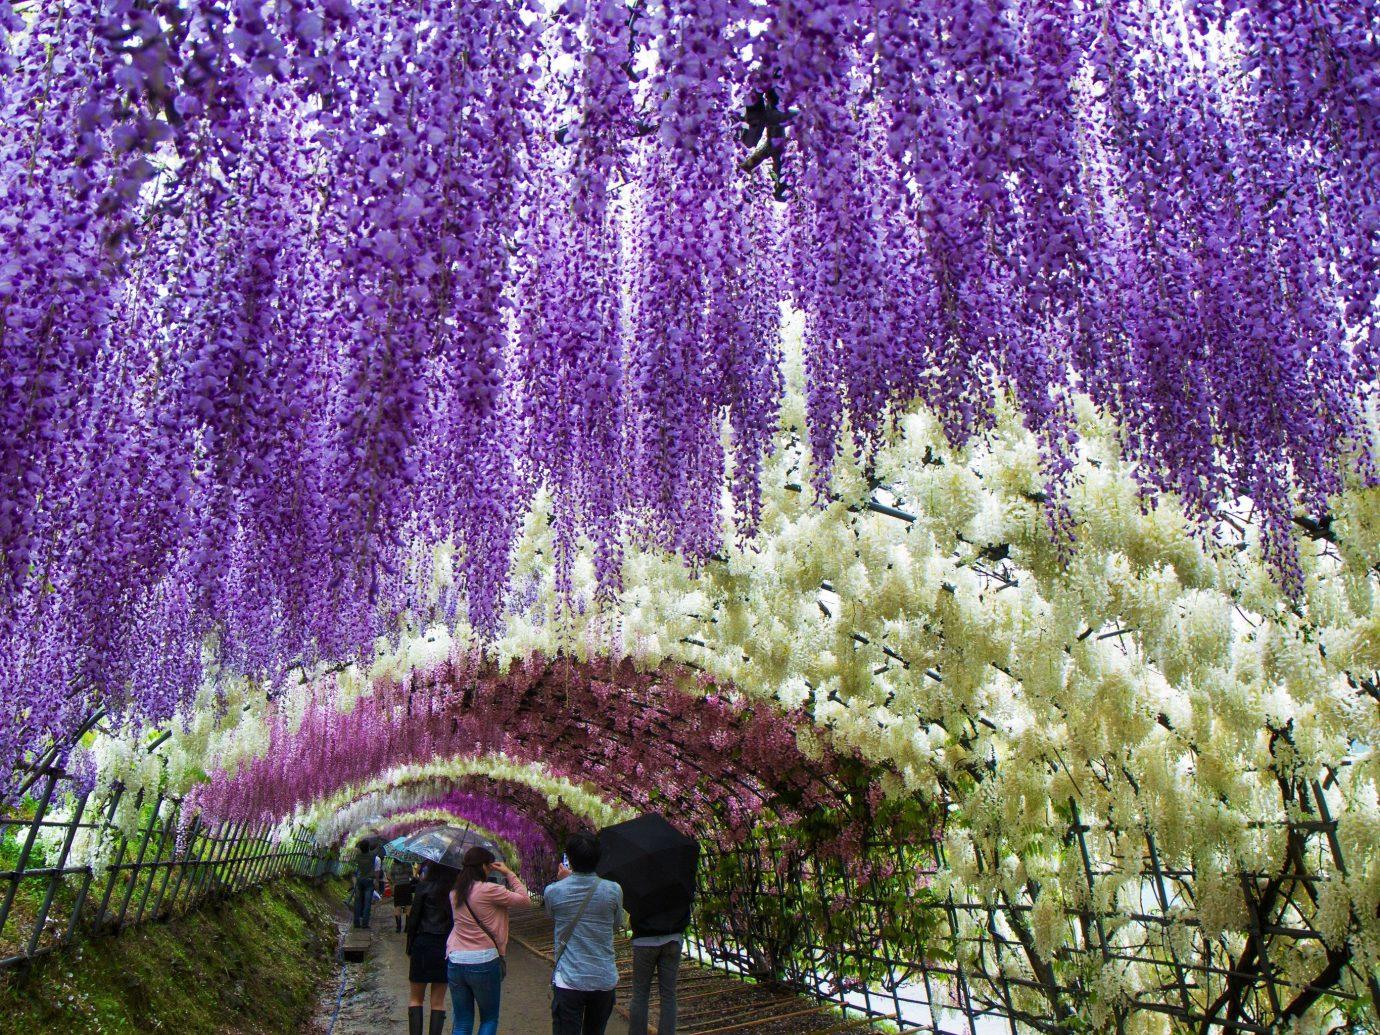 Trip Ideas tree plant flower lavender flora english lavender botany land plant flowering plant blossom shrub herb